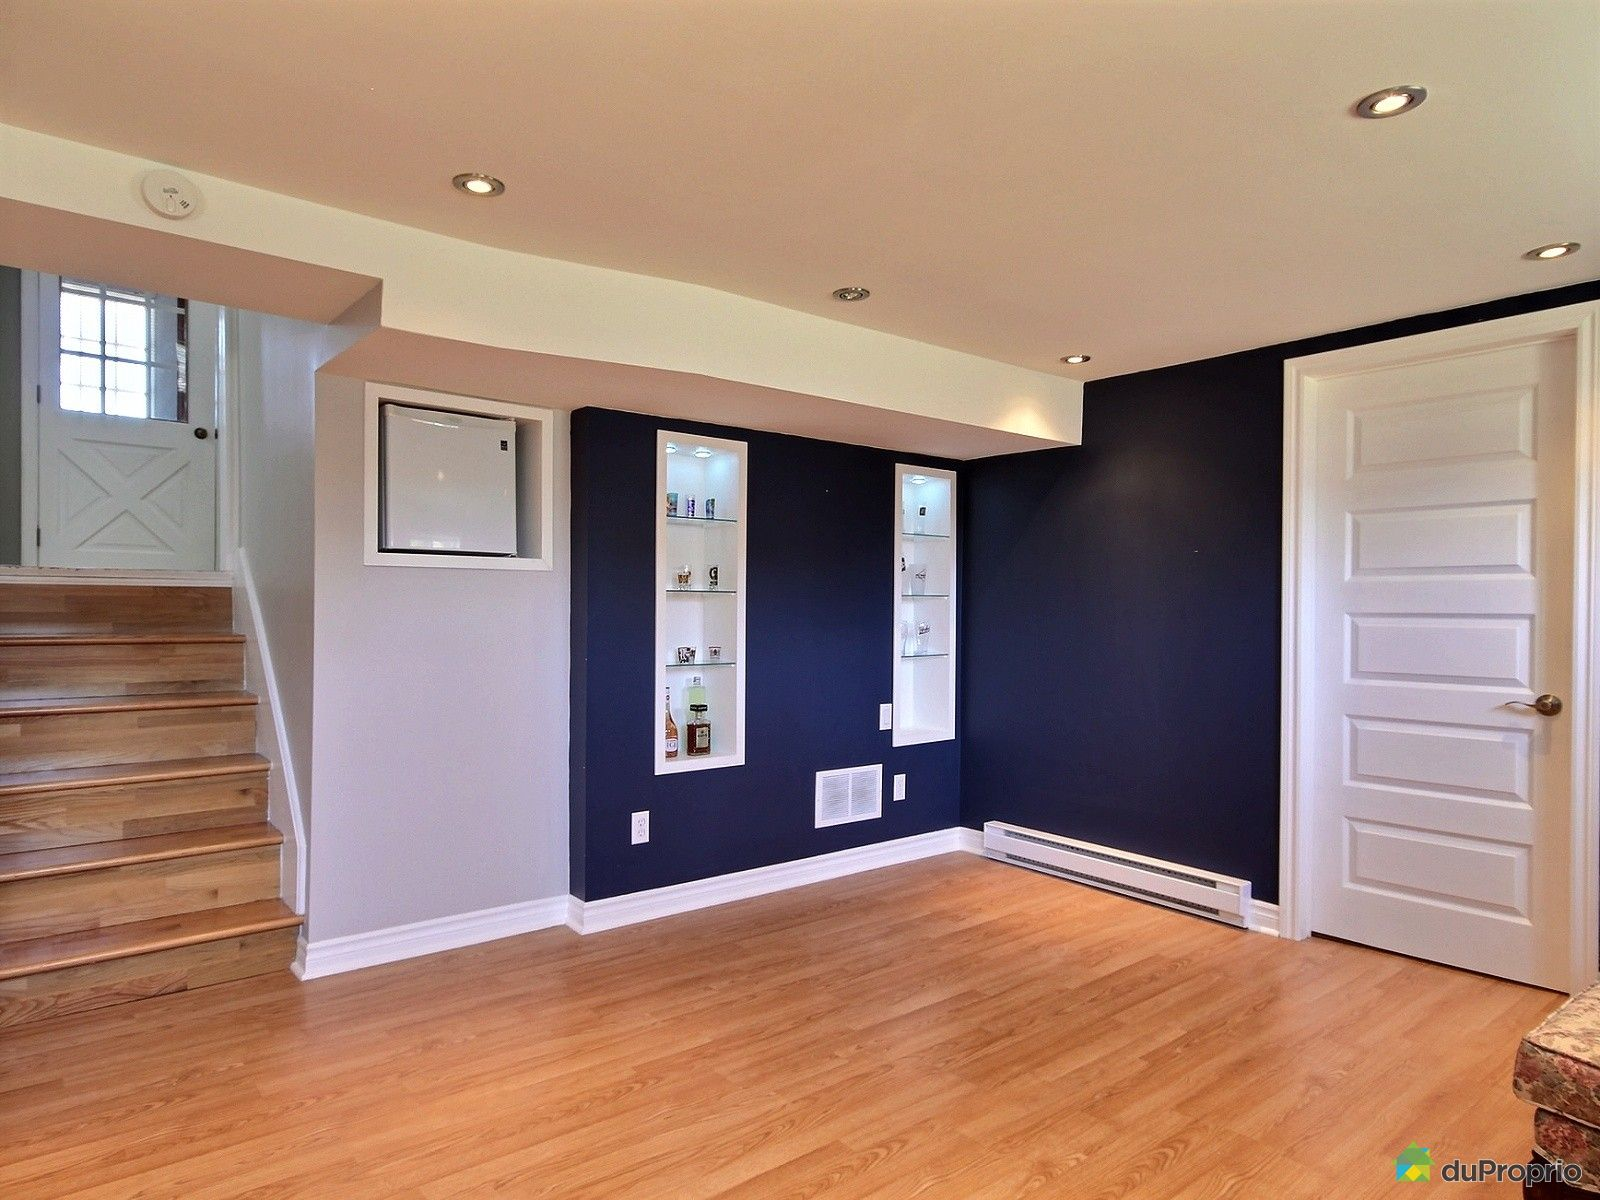 Maison à vendre Boucherville, 45 rue de Montmagny ...